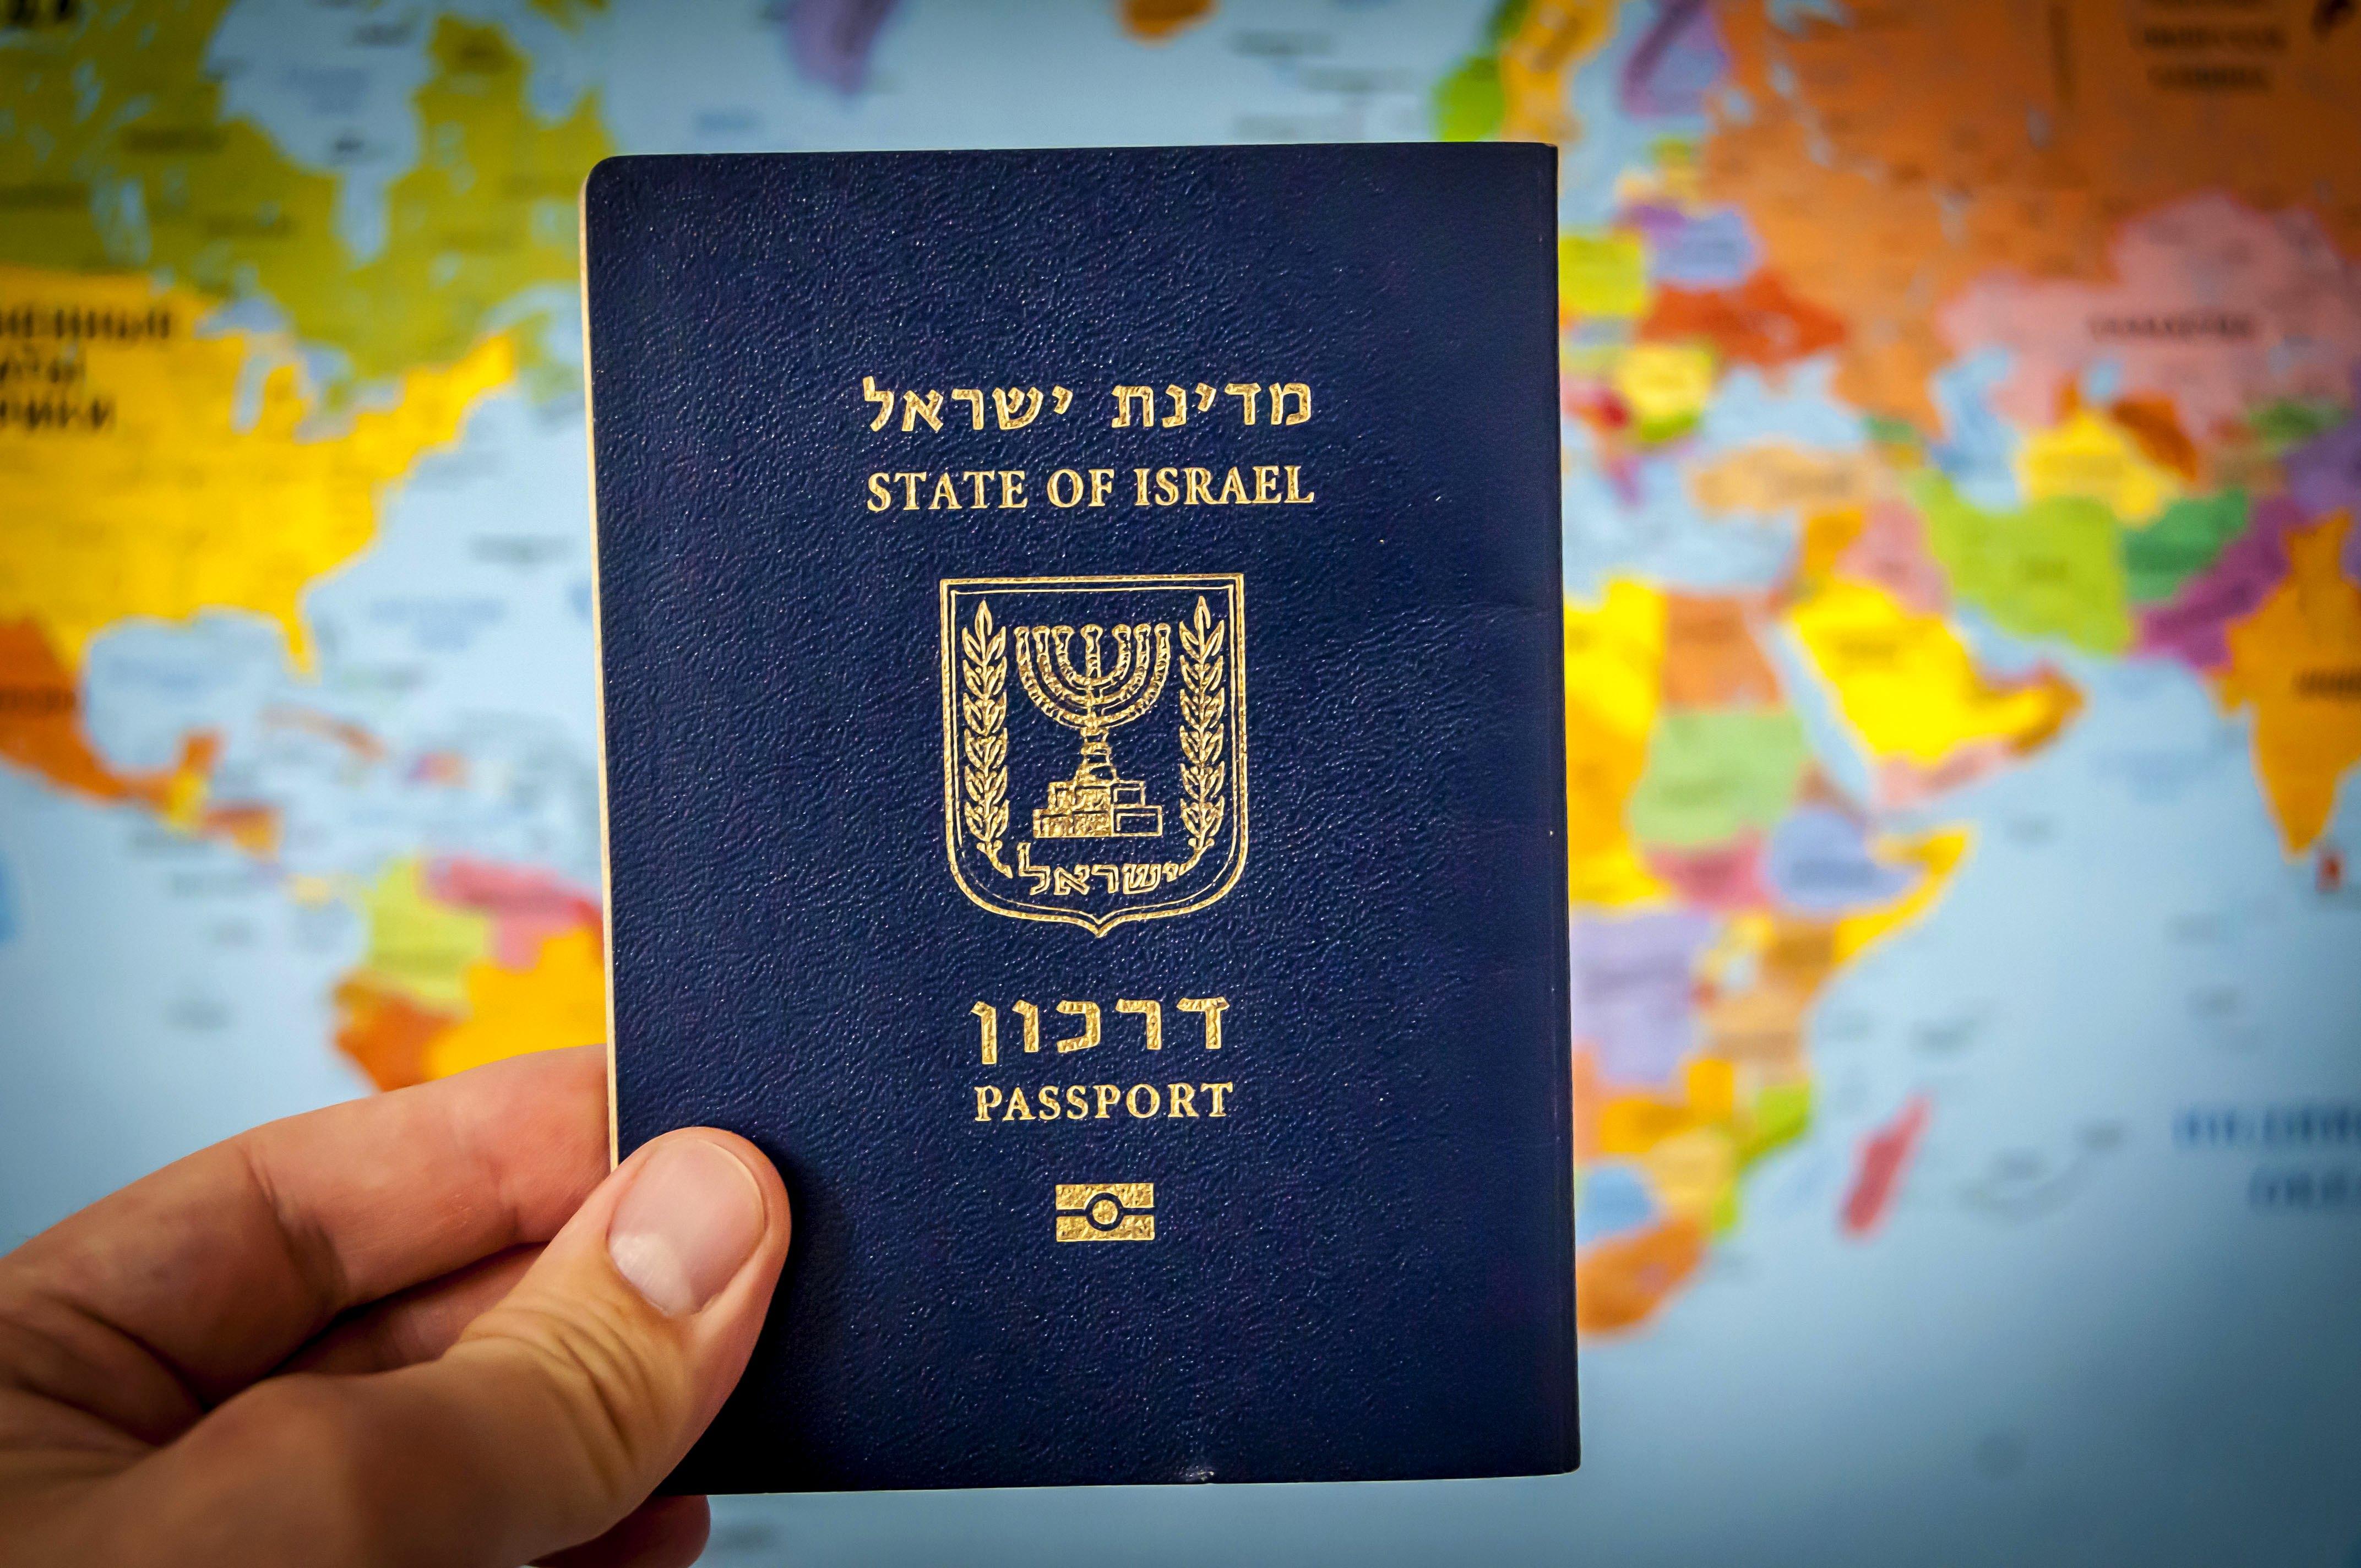 Паспорт Израиля, гражданство которого могут получить россияне